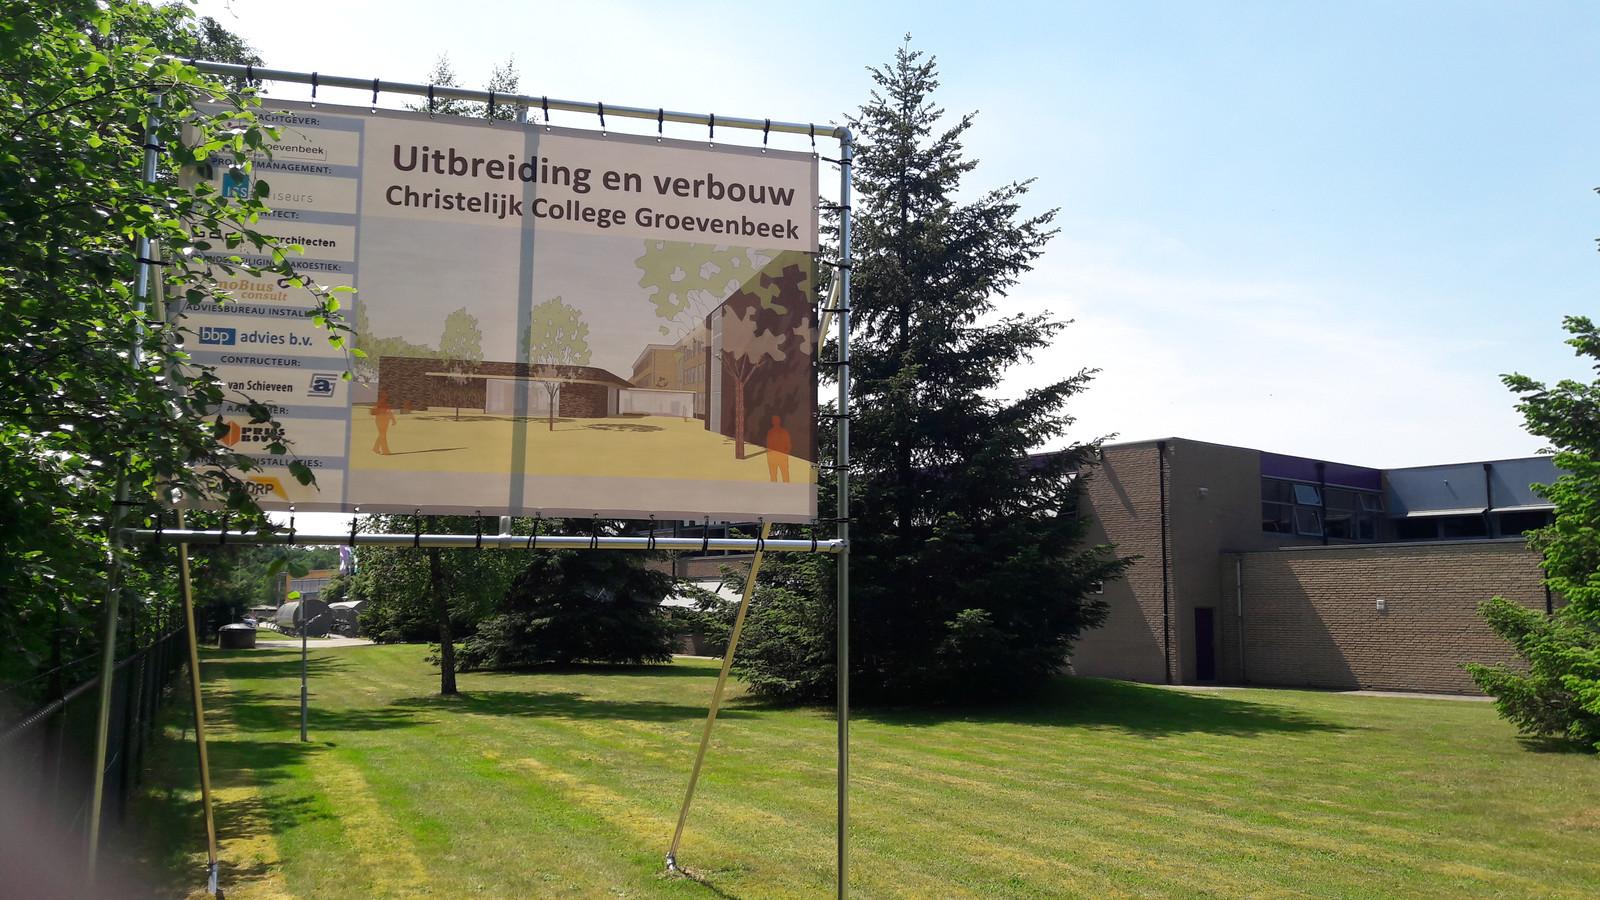 De grote verbouwing van het Christelijk College Groevenbeek gaat beginnen.